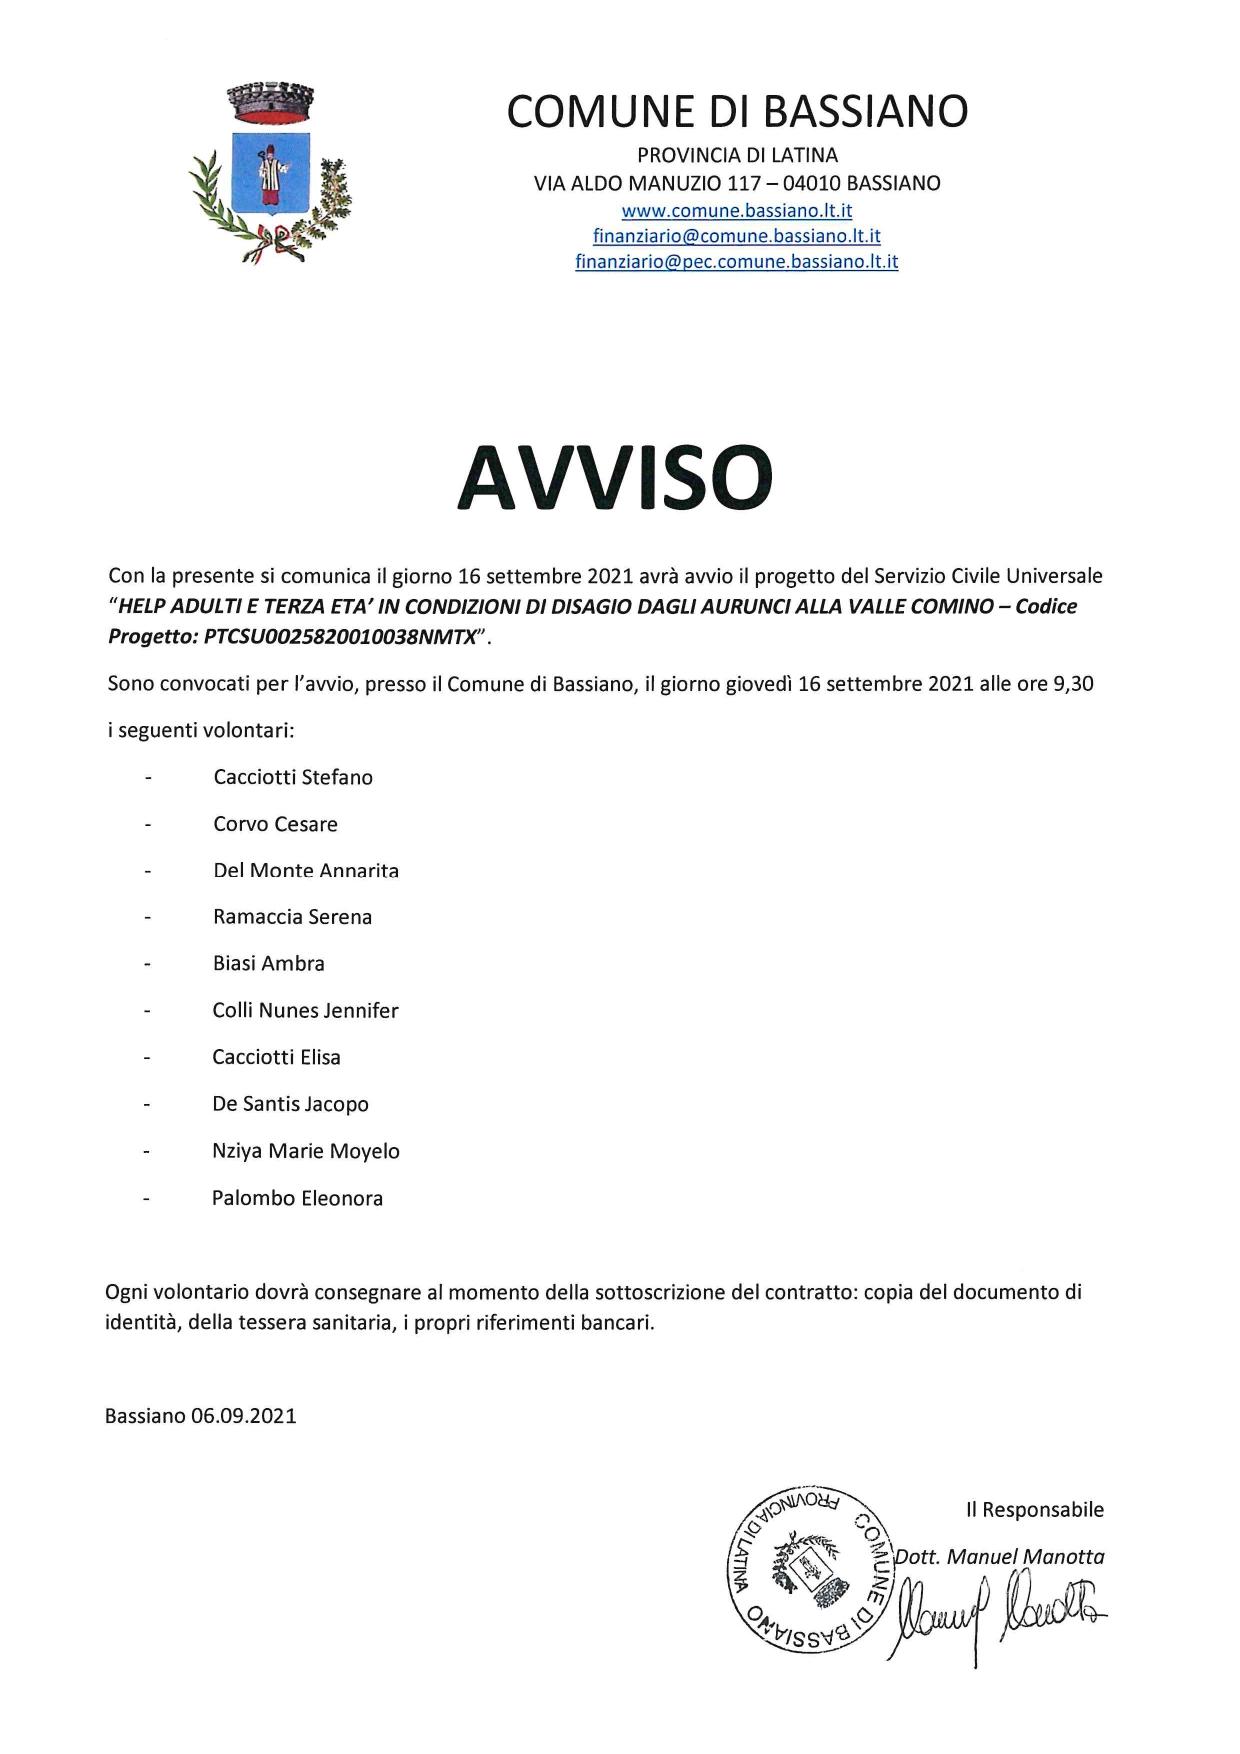 AVVIO SERVIZIO CIVILE UNIVERSALE